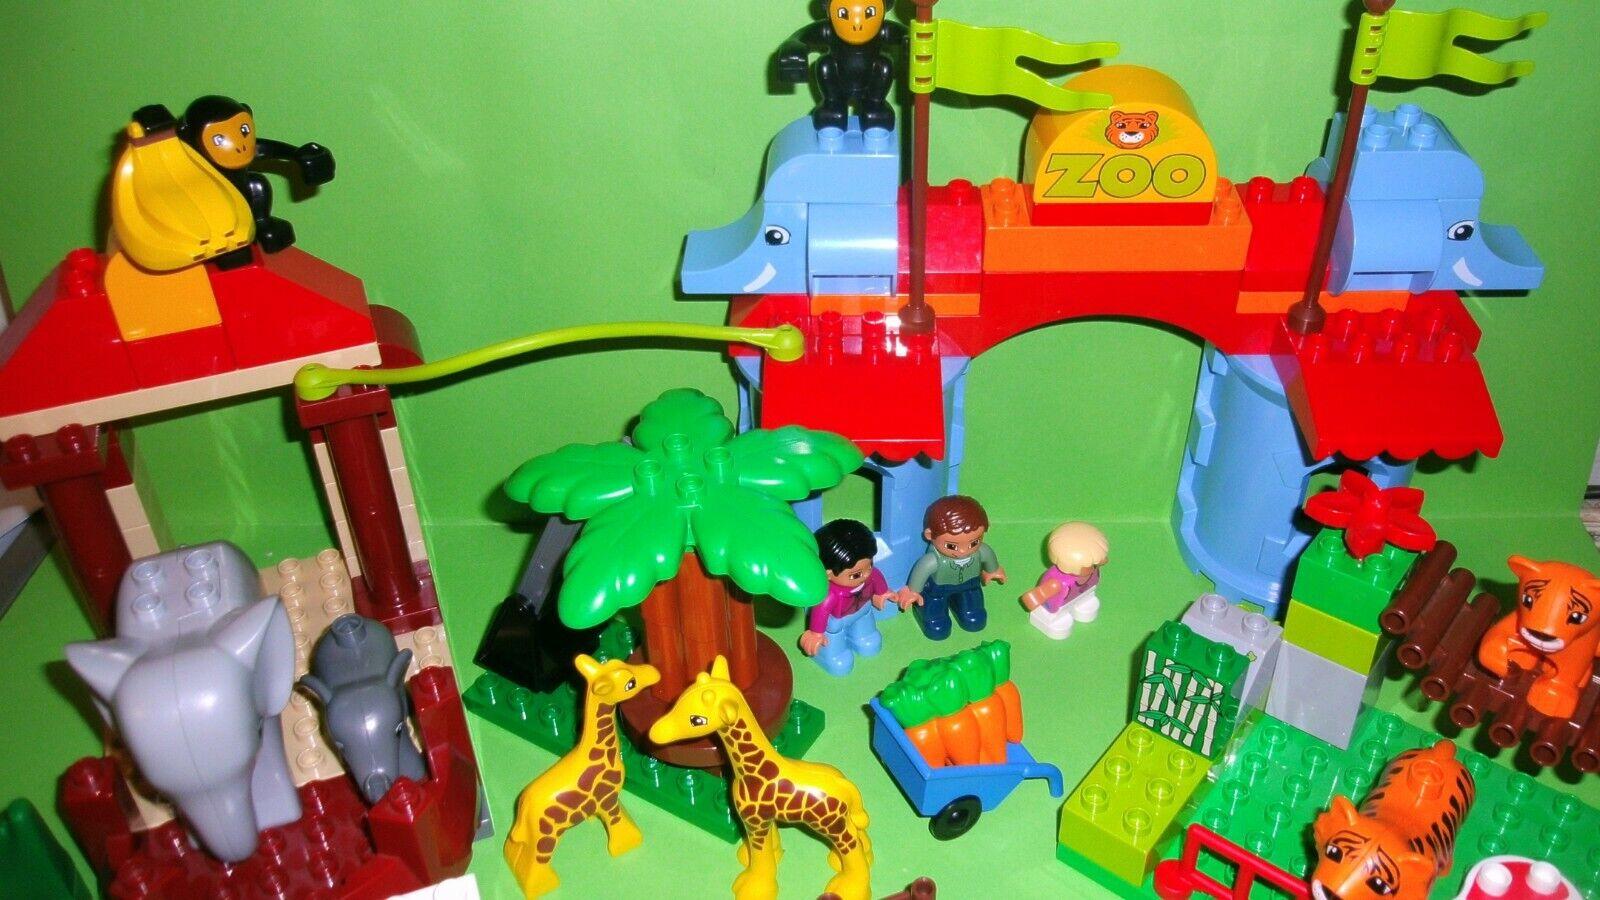 LEGO 5635  DUPLO zoo+4962 gree animale bambino, elefanti, scimmie,...  vendita scontata online di factory outlet